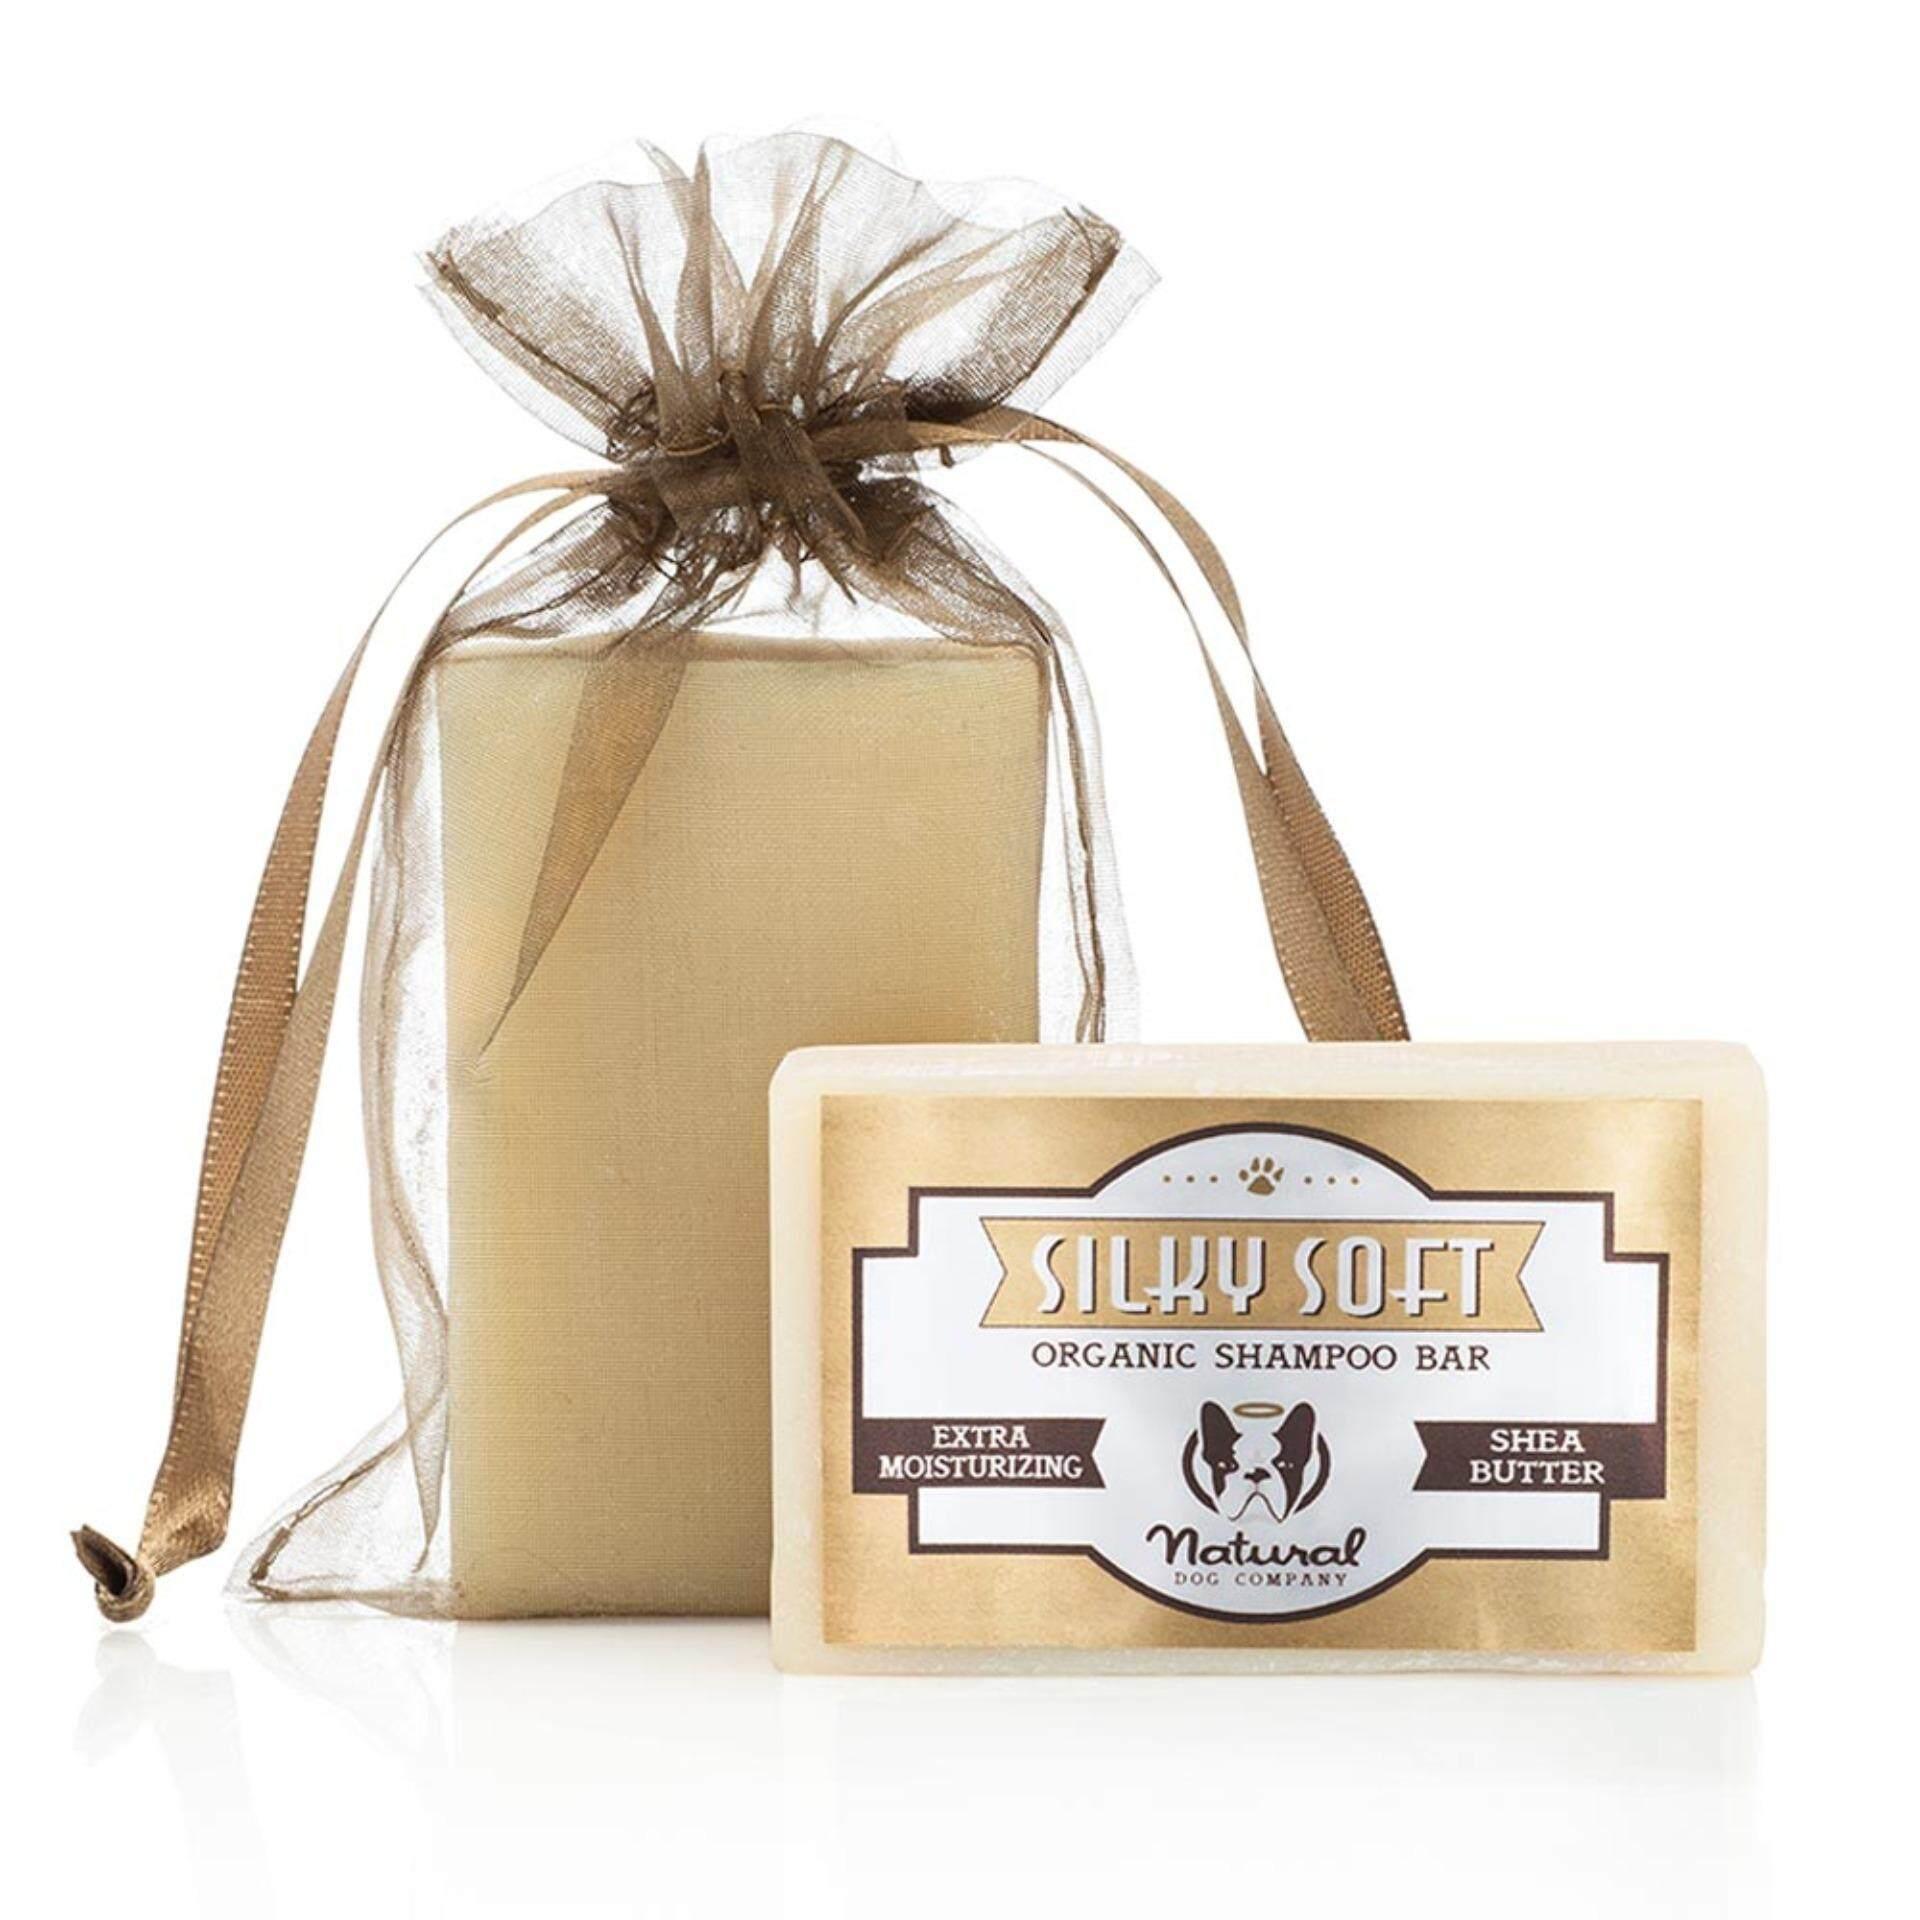 Natural Dog Company Silky Soft Organic Shampoo Bar - 4oz (115 g) / 6oz (170 g)